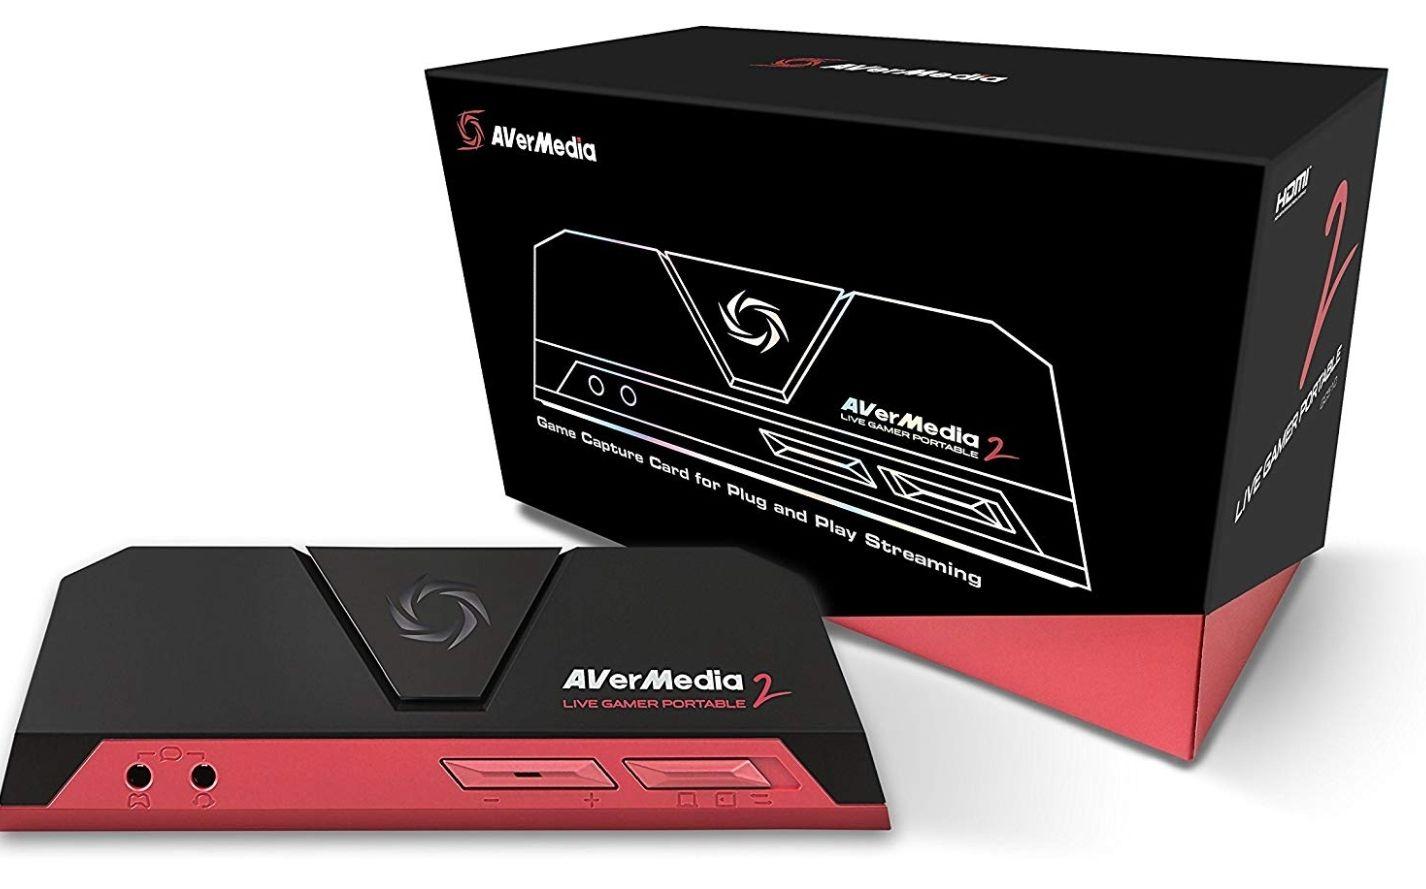 AVerMedia Live Gamer Portable 2 - GC510